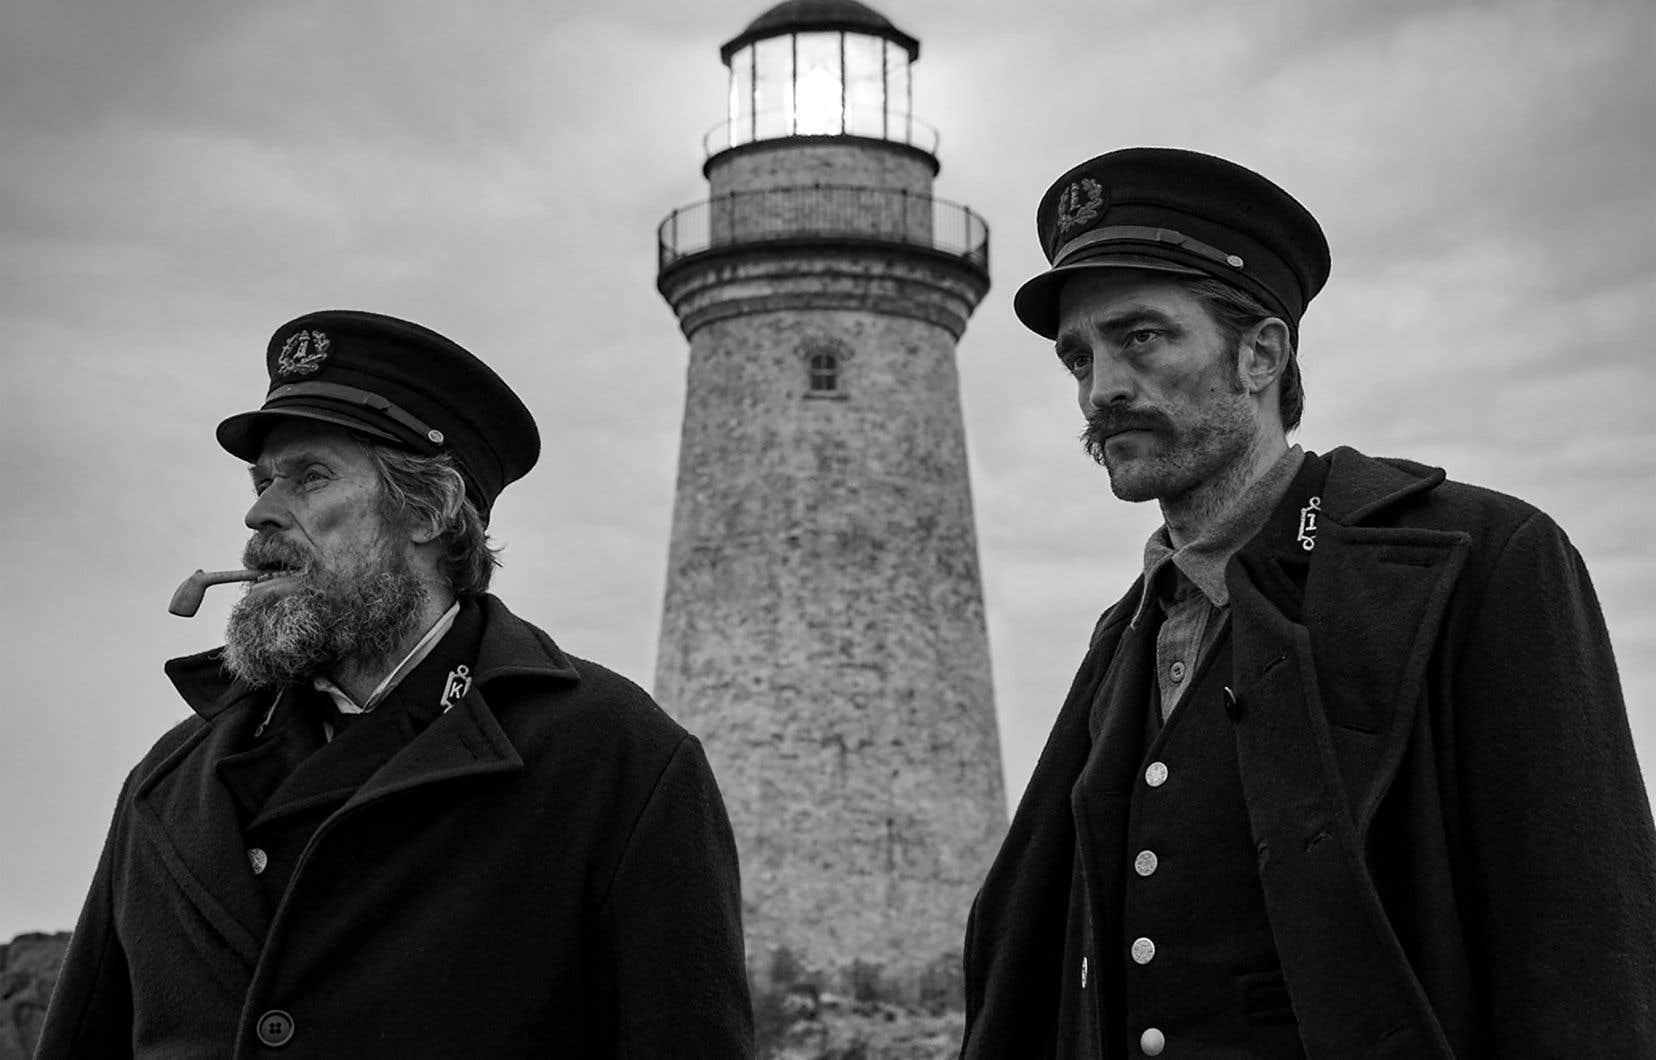 Robert Pattinson (à droite) est excellent dans le rôle de Winslow tandis que Willem Dafoe fait ce qu'il peut pour insuffler une cohésion à son personnage de Wake, réduit à une parodie de marin bourru à la parlure truculente.